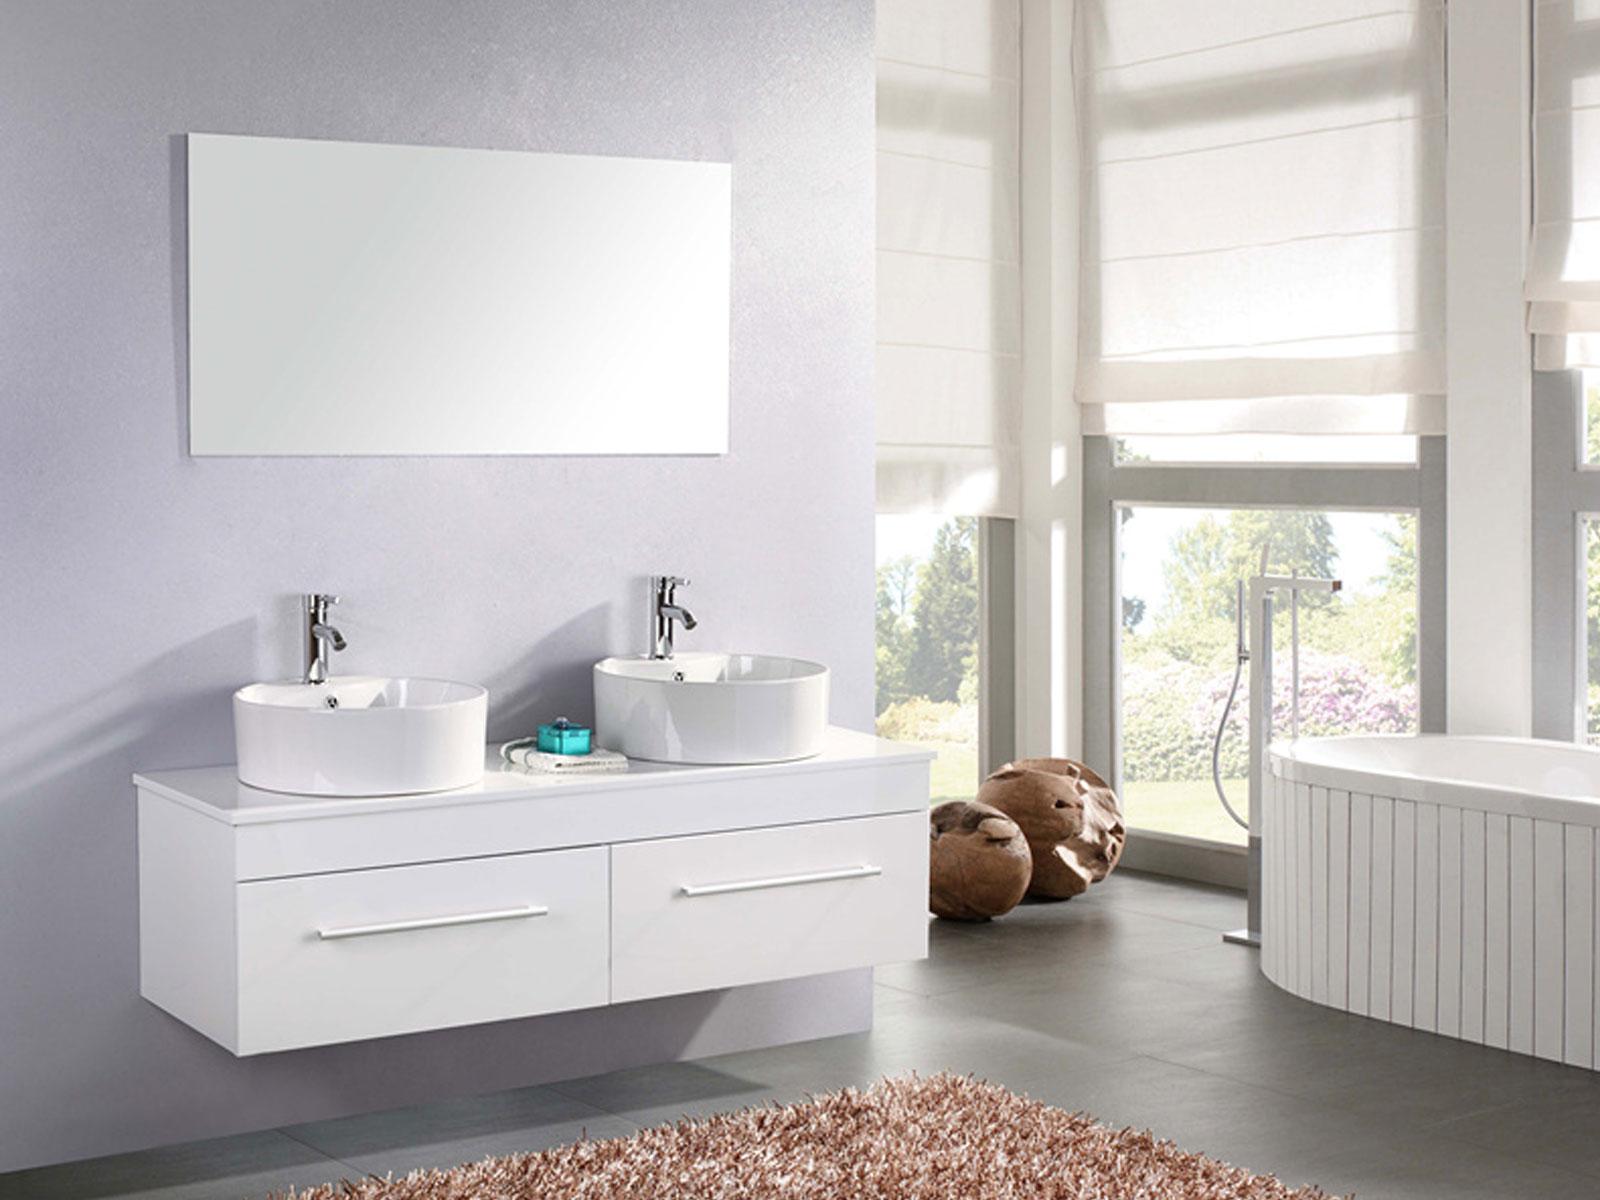 White cardellino meuble de salle de bain 150 cm lavabo inclus - Meuble de salle de bain 150 cm ...